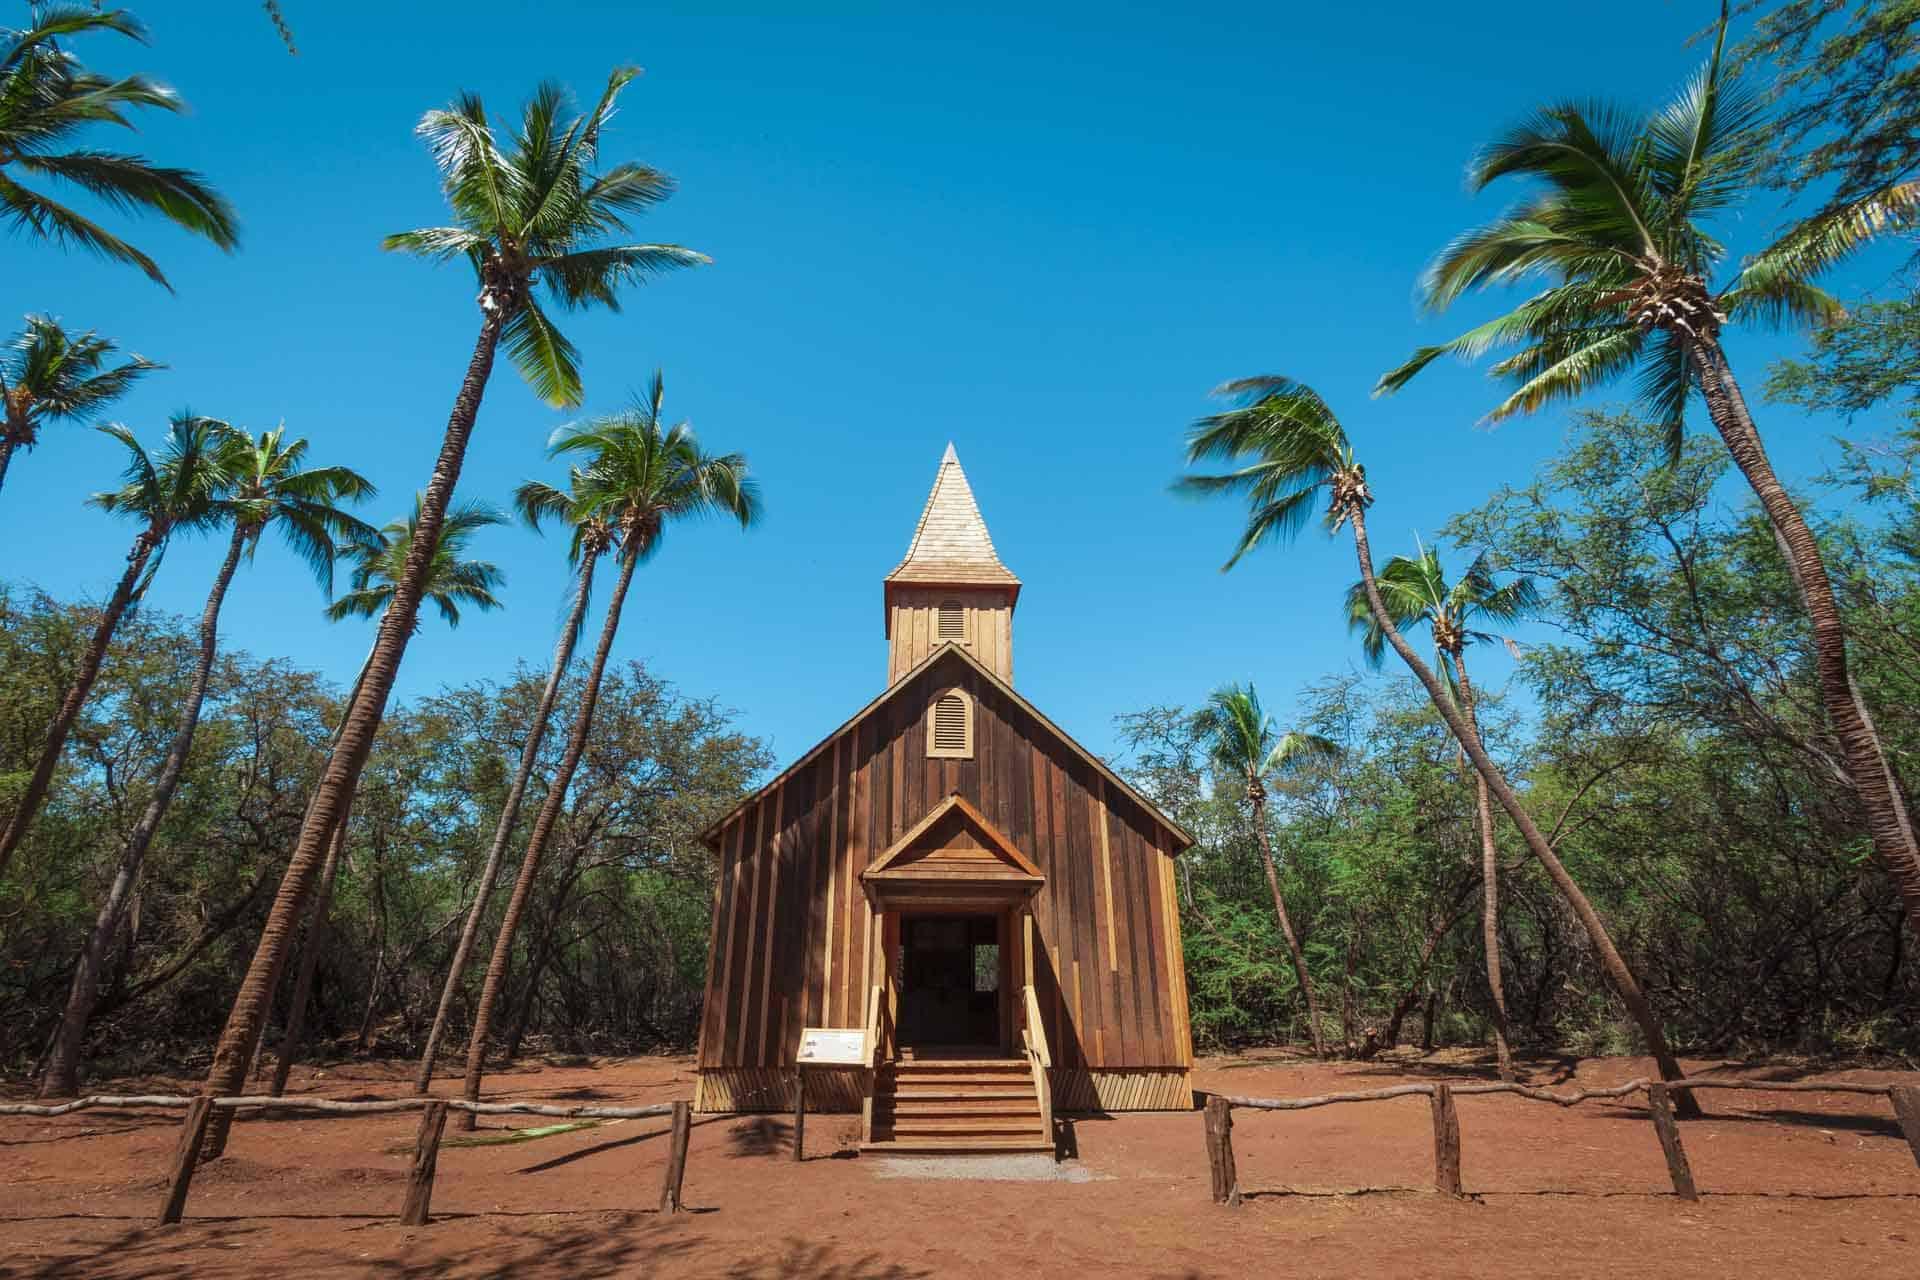 things to see in lanai - keomuku village